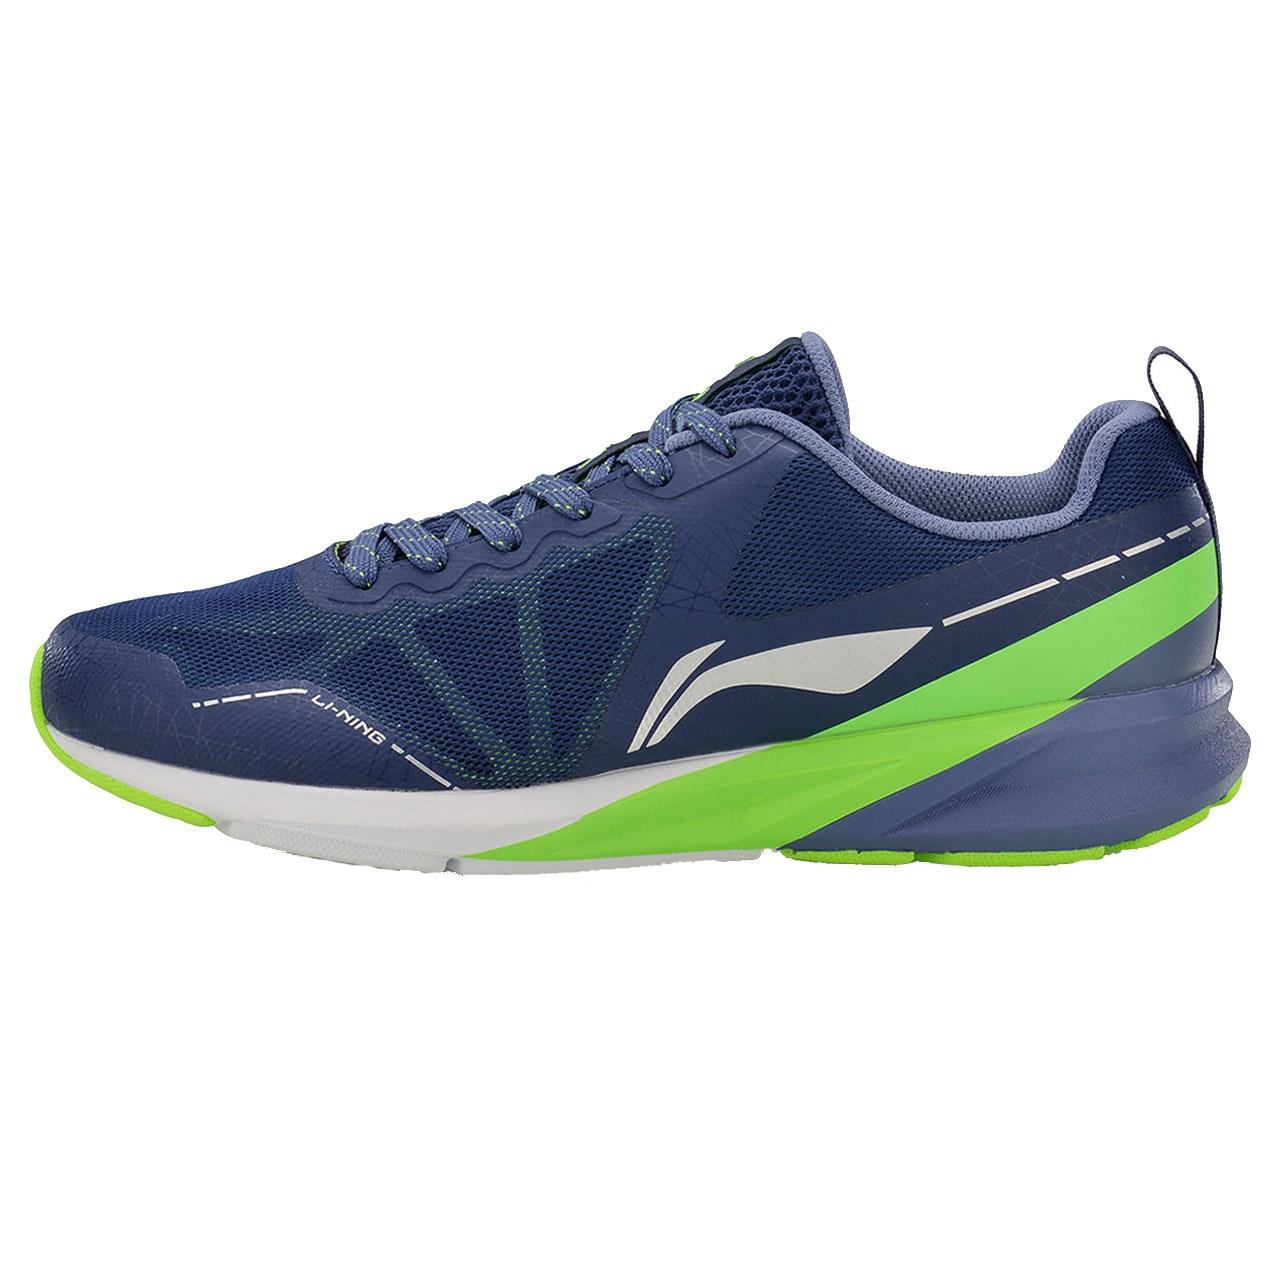 کفش مخصوص دویدن مردانه لی نینگ مدل Colorful